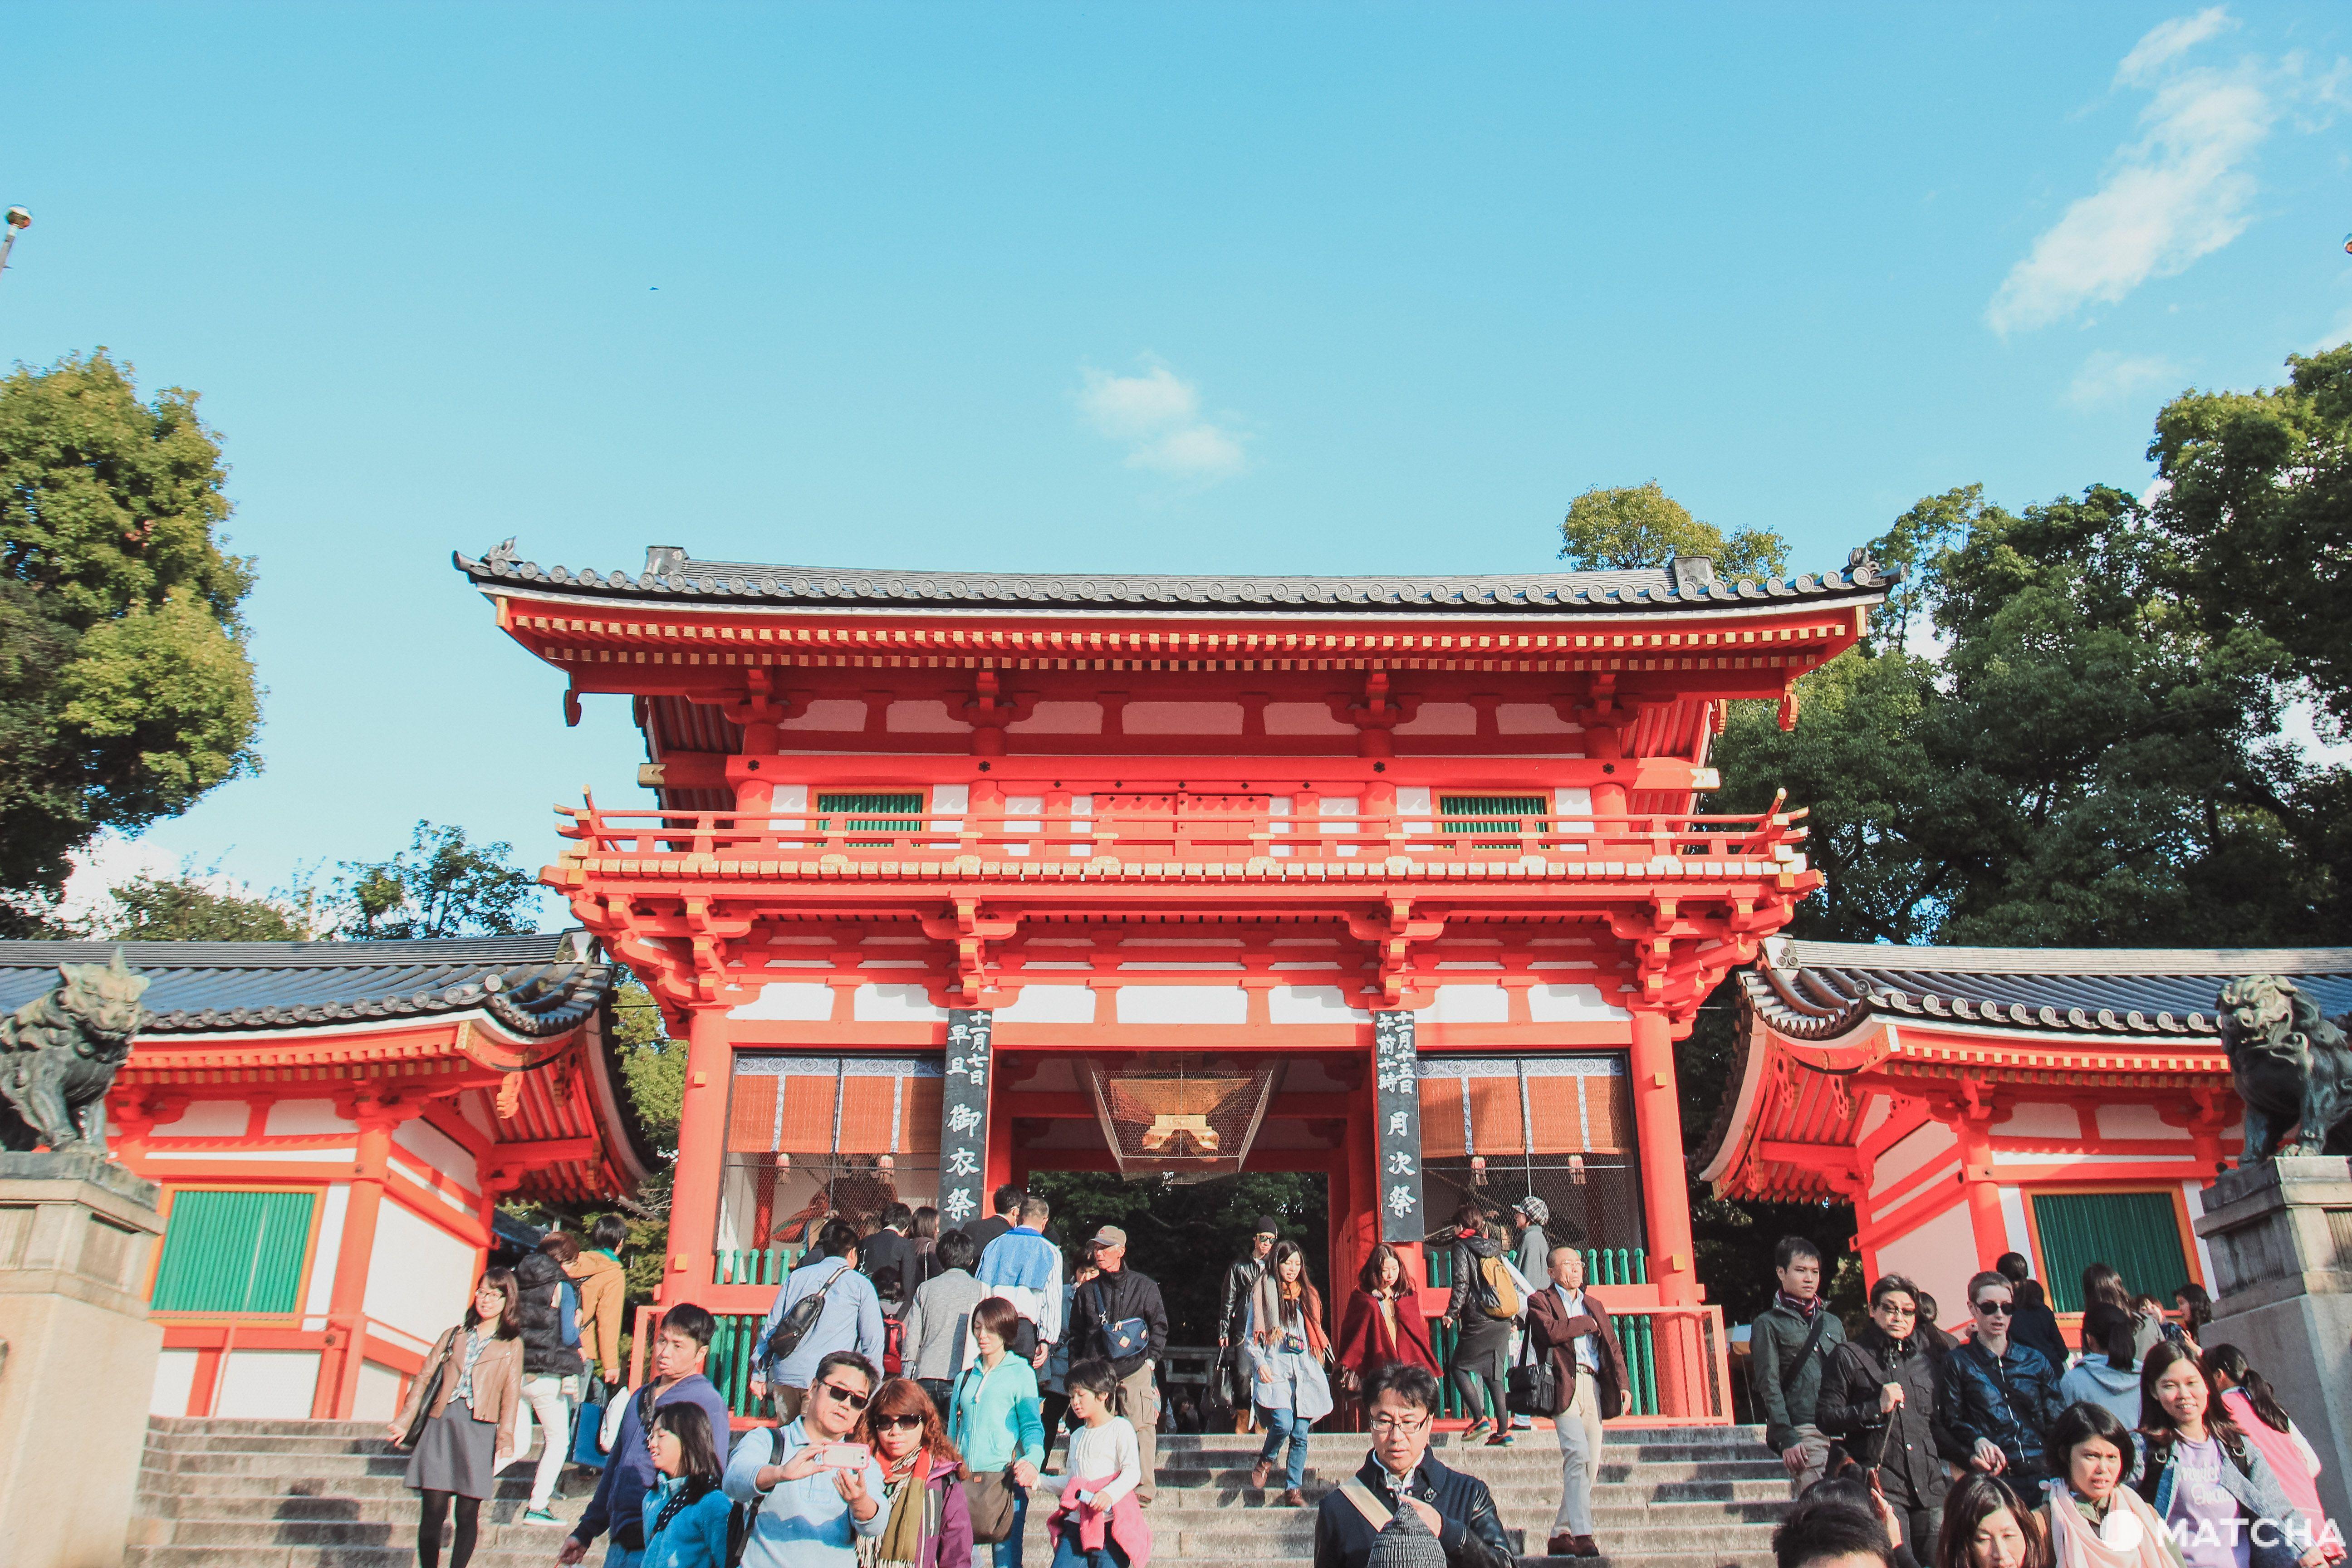 【京都】八坂神社半天女子散步提案